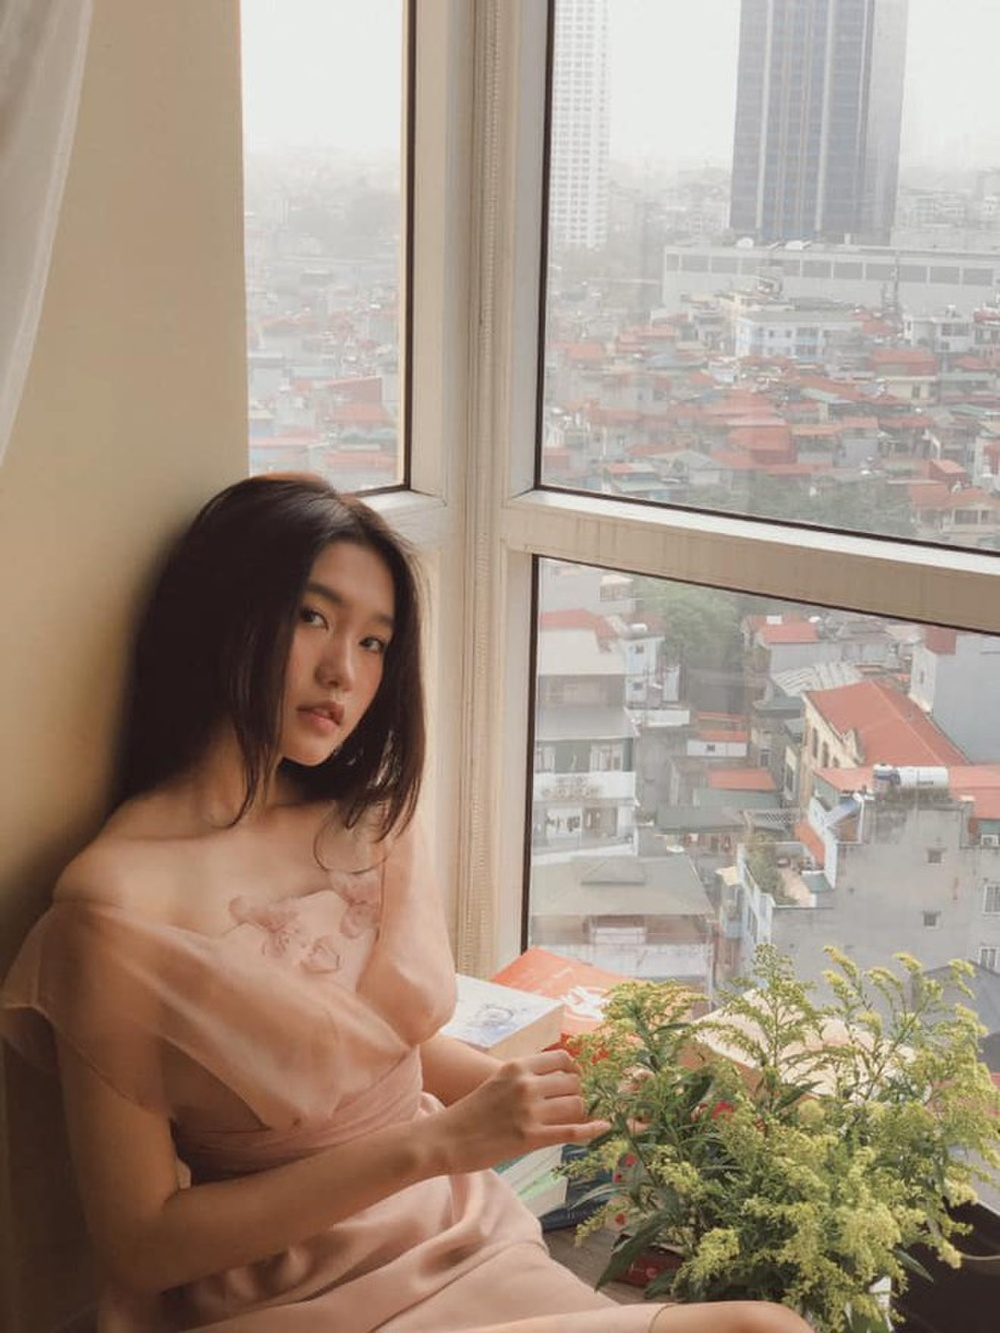 Rộ tin đồn Đoàn Văn Hậu có bạn gái mới nhưng đáng chú ý hơn cả là profile 'cực khủng' của cô nàng Ảnh 8